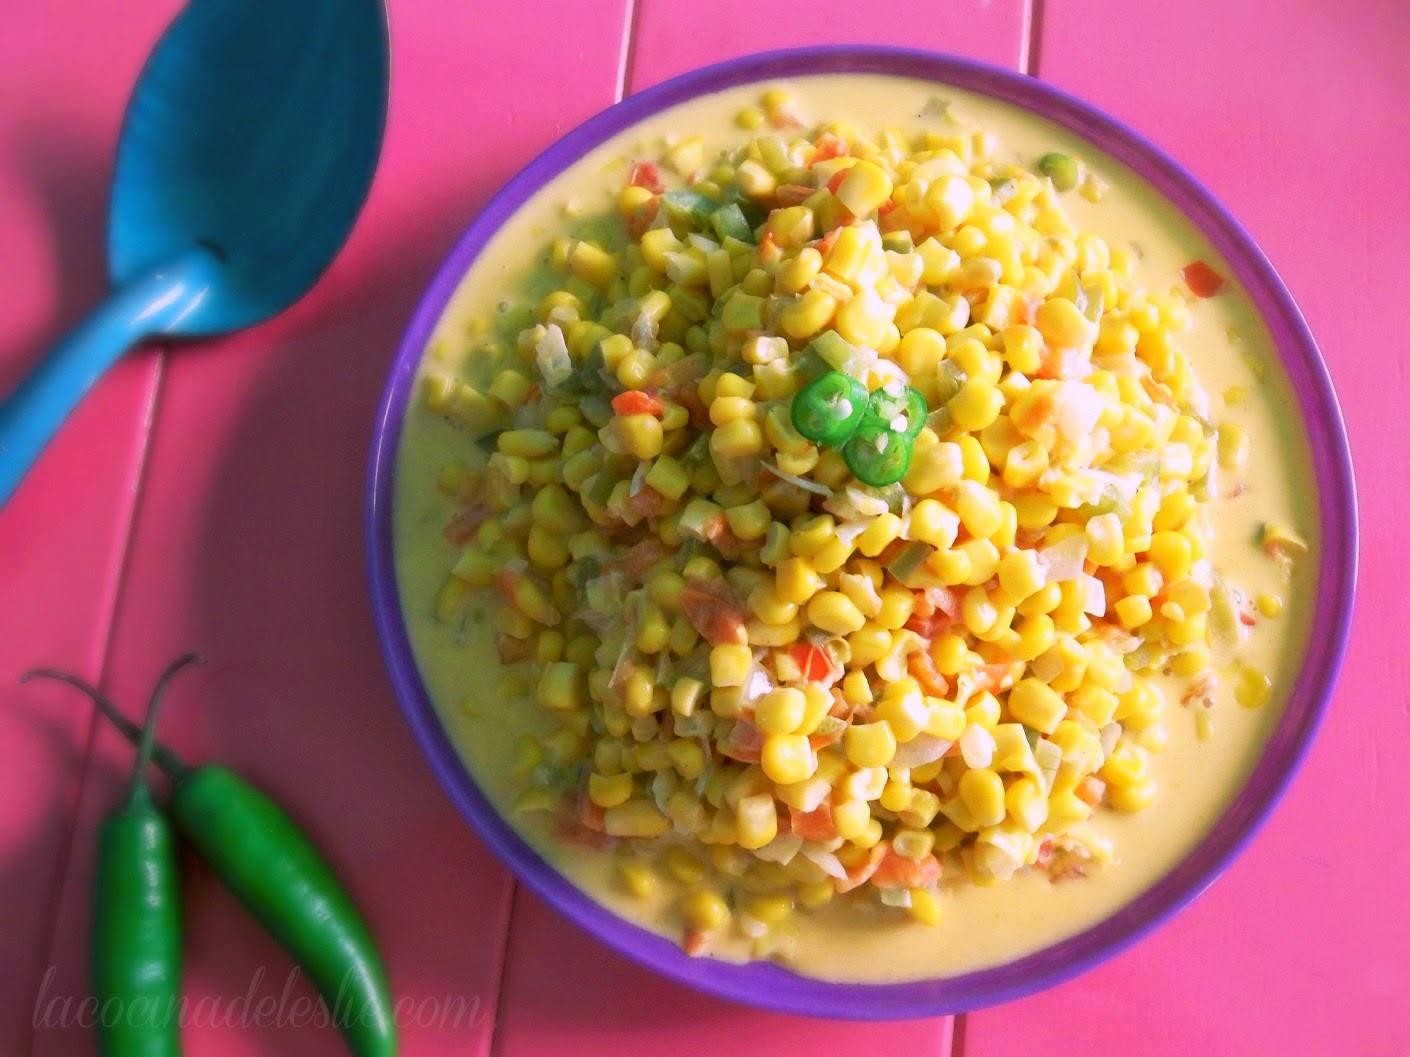 Mexican Creamed Corn - lacocinadeleslie.com